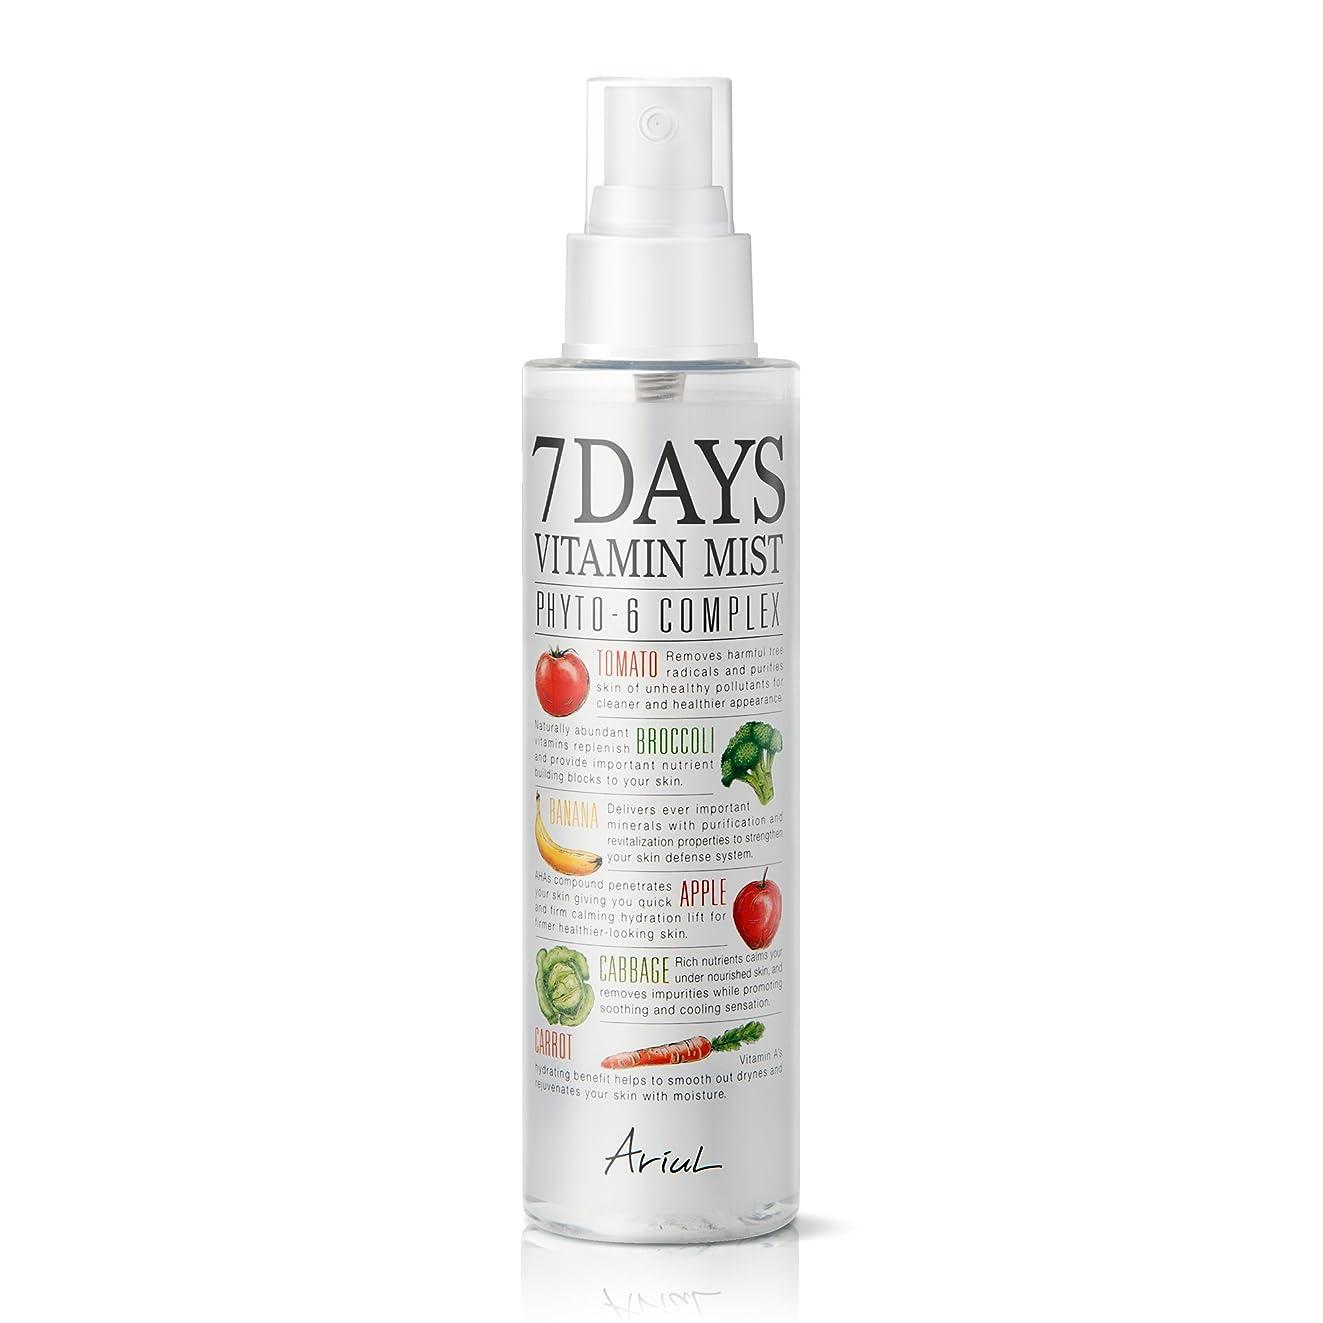 つぼみ同級生残基アリアル 7デイズビタミンミスト150ml / Ariul Natural Facial Face Mist 7 Days Vitamin Mist [並行輸入品]